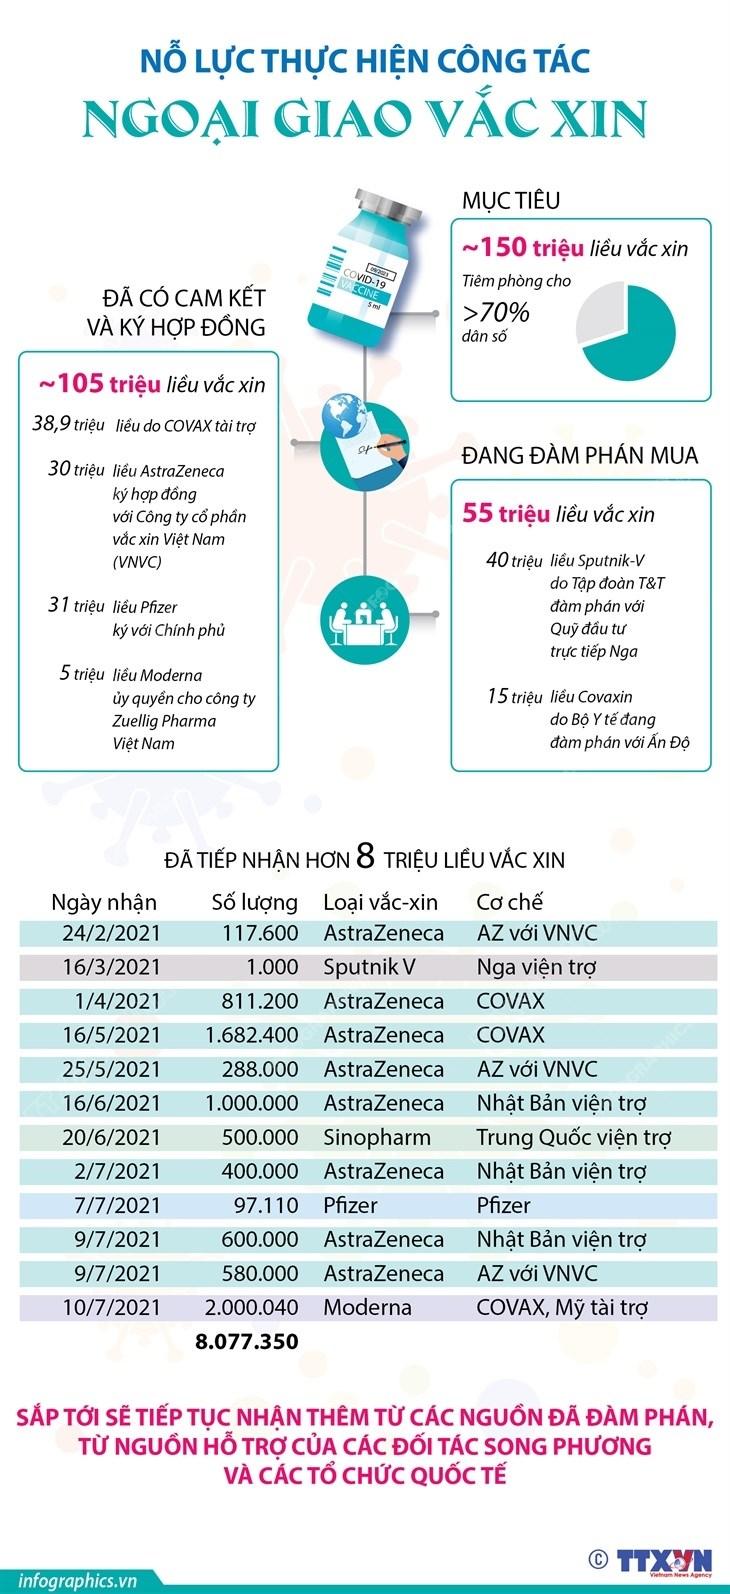 [Infographics] No luc thuc hien cong tac ngoai giao vaccine hinh anh 1